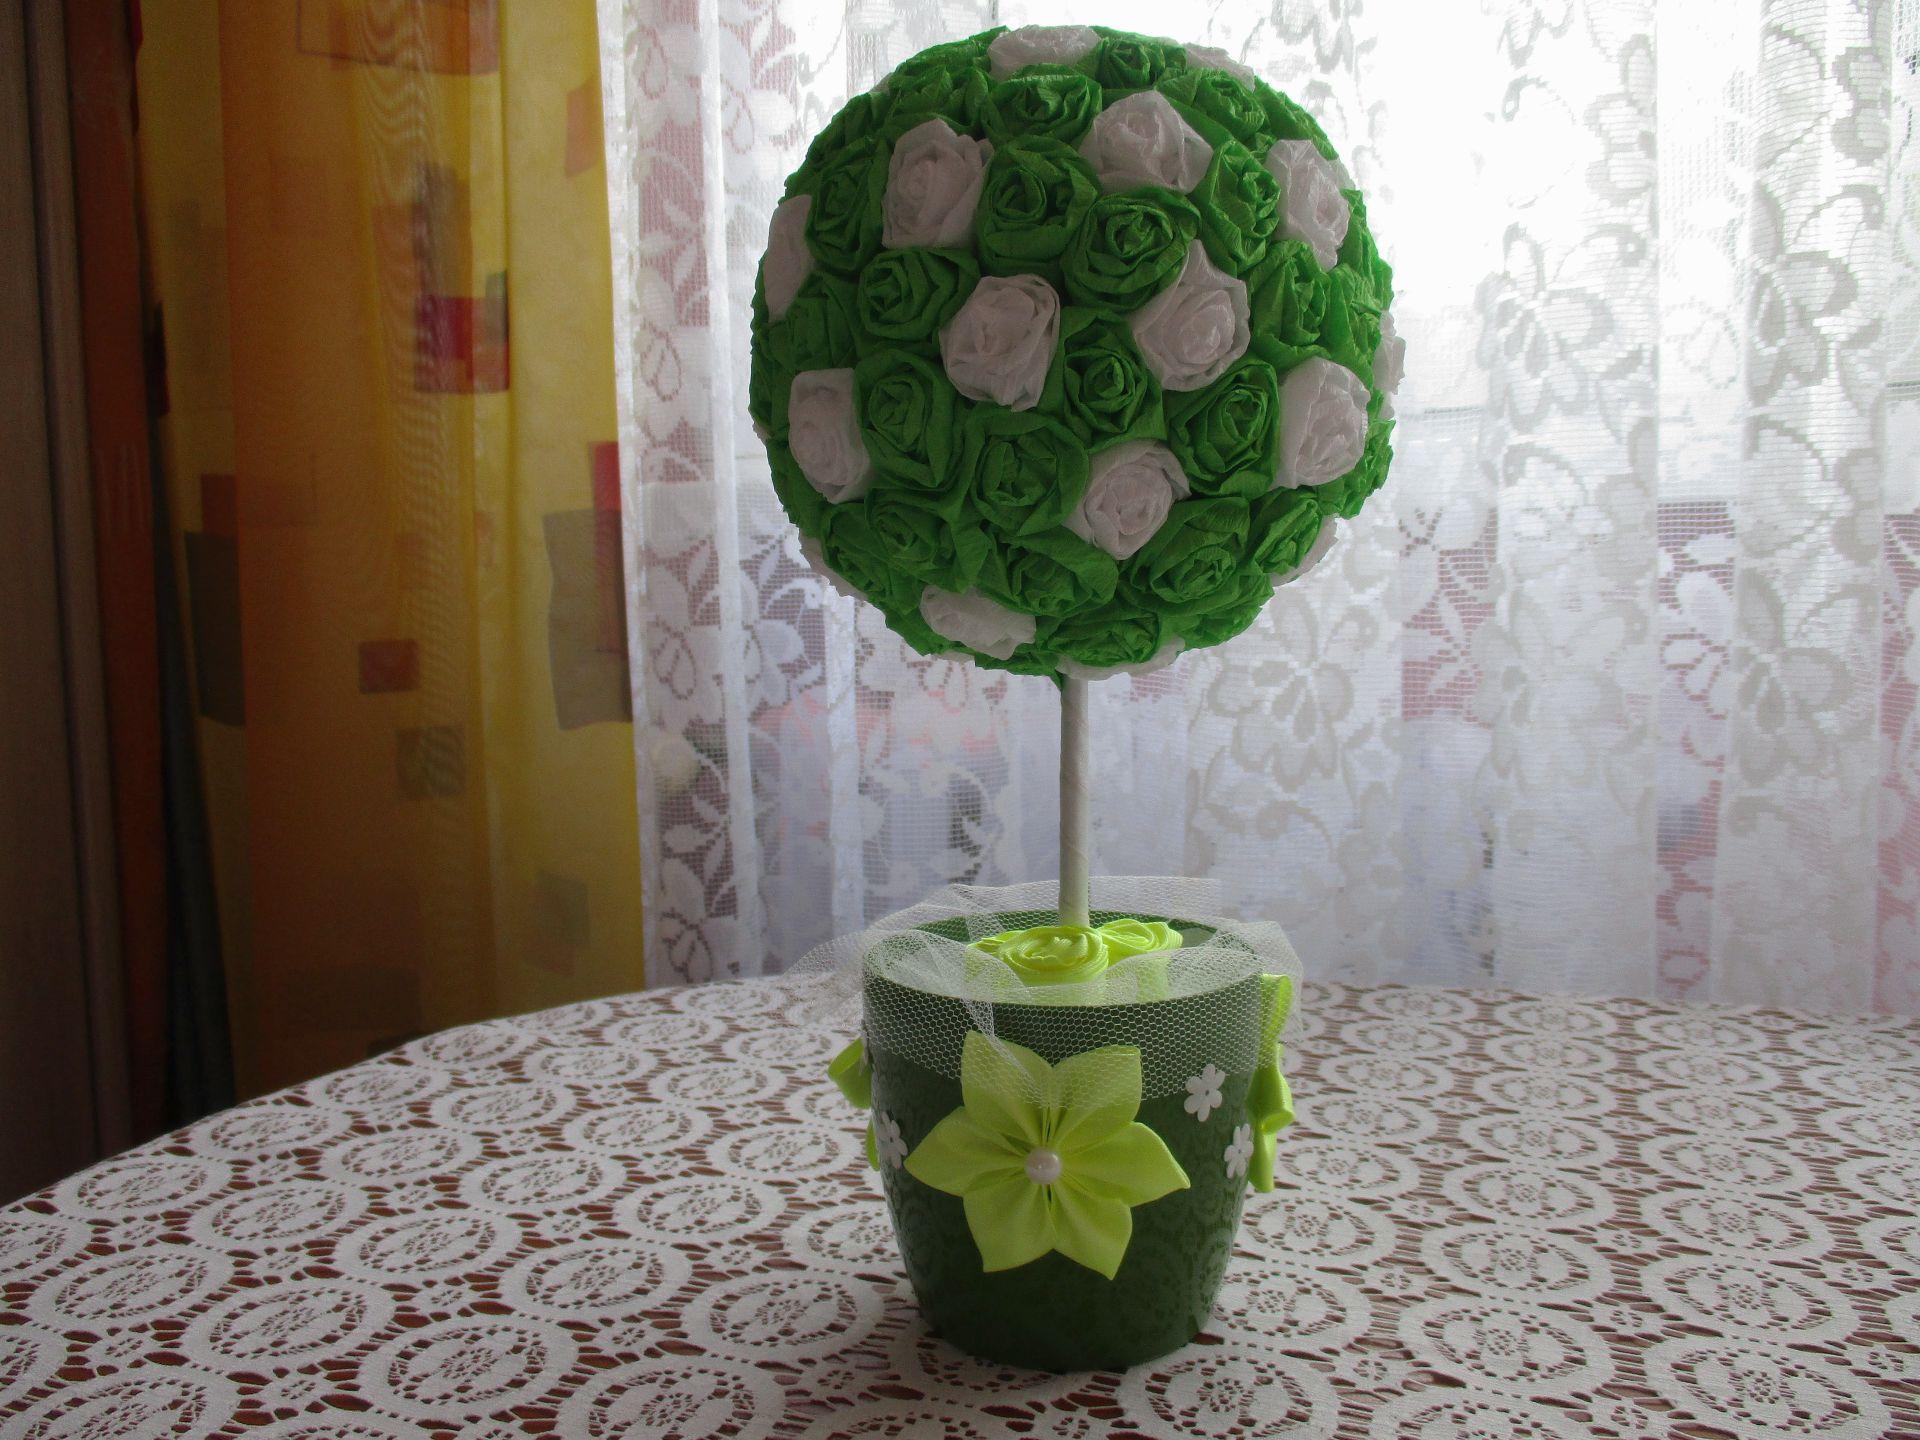 Drzewko kwiat prezent Dzień Kobiet - handmade